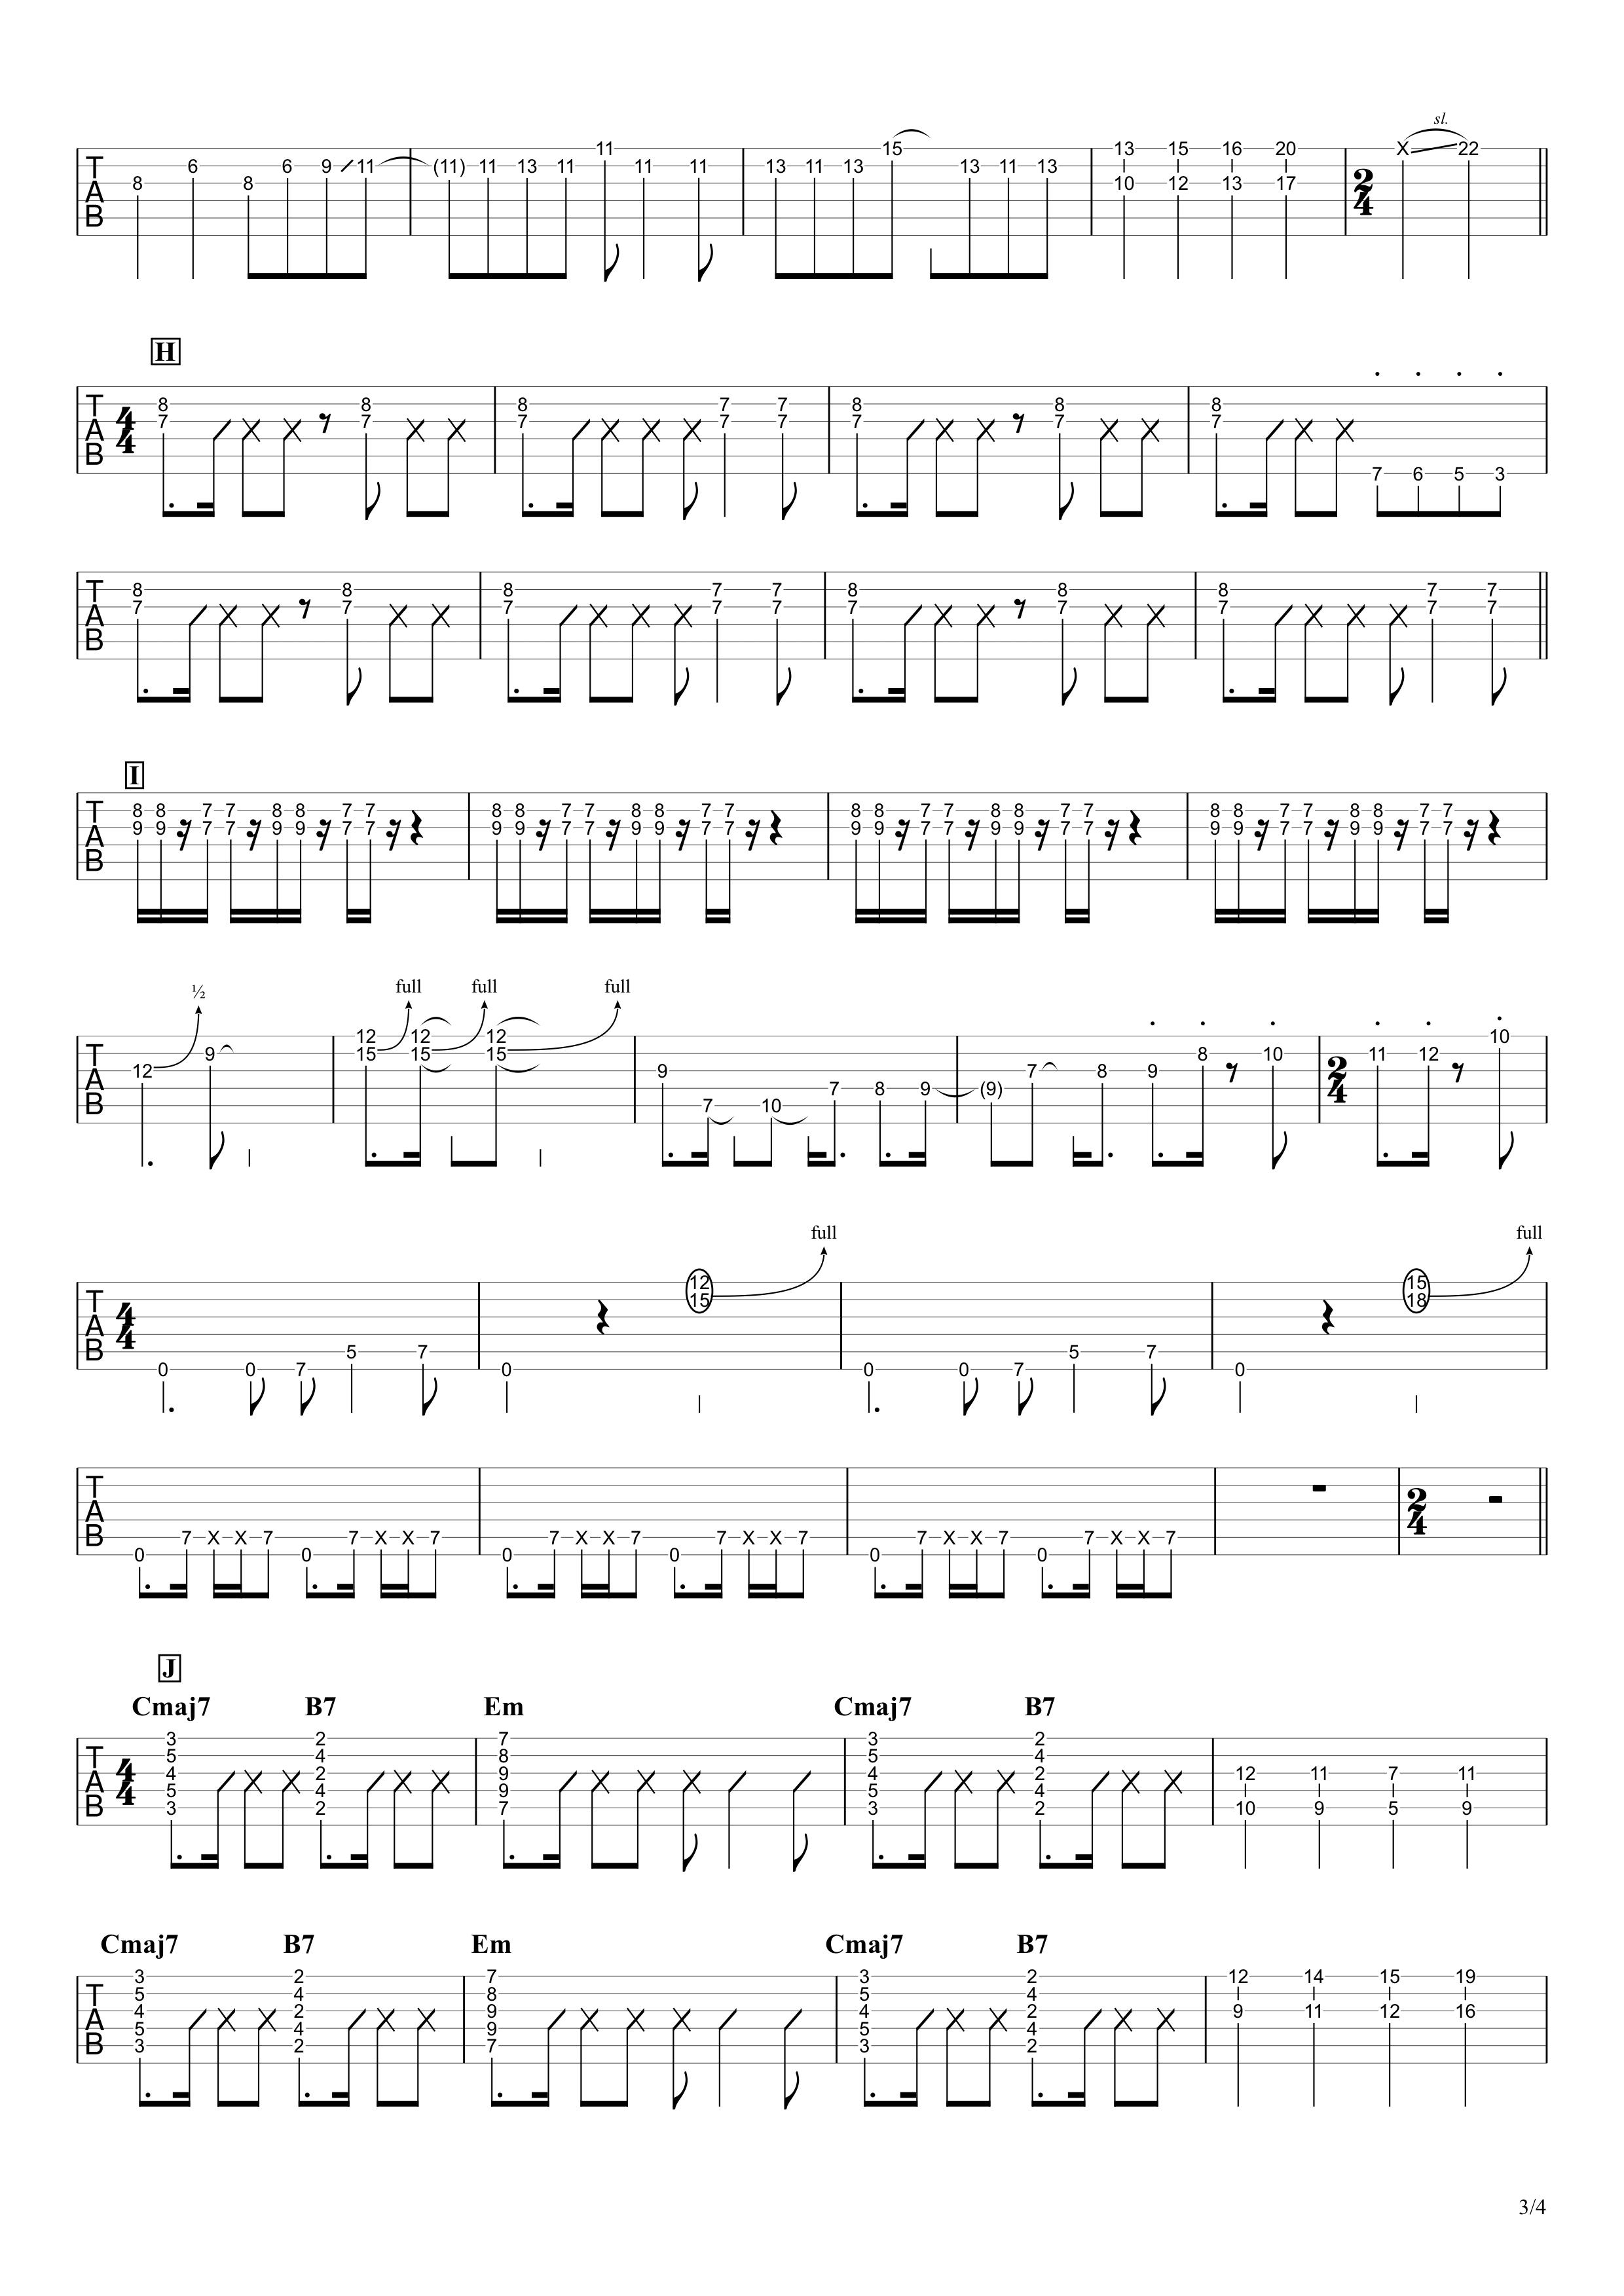 ロキ/みきとP ギタータブ譜 ほぼ完コピVer.03